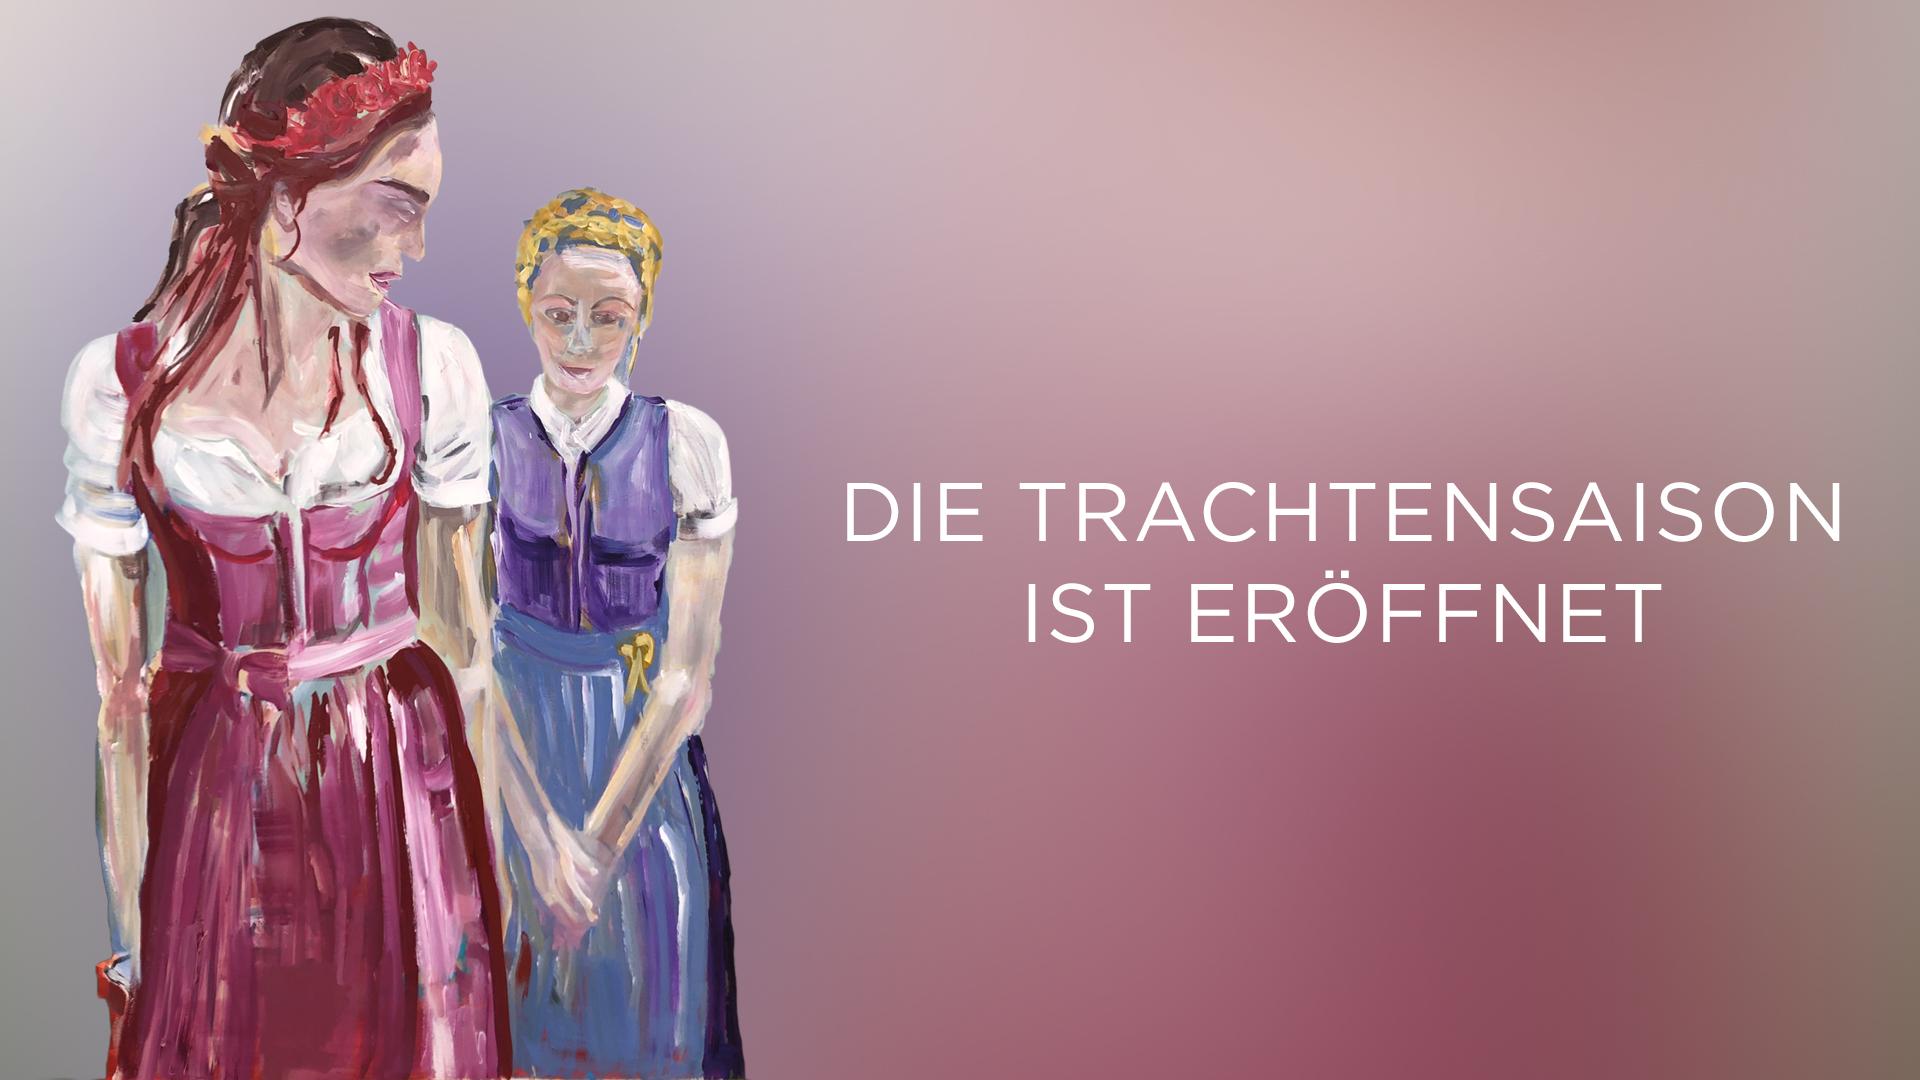 Save the date: Trachtensaison bei engelhorn